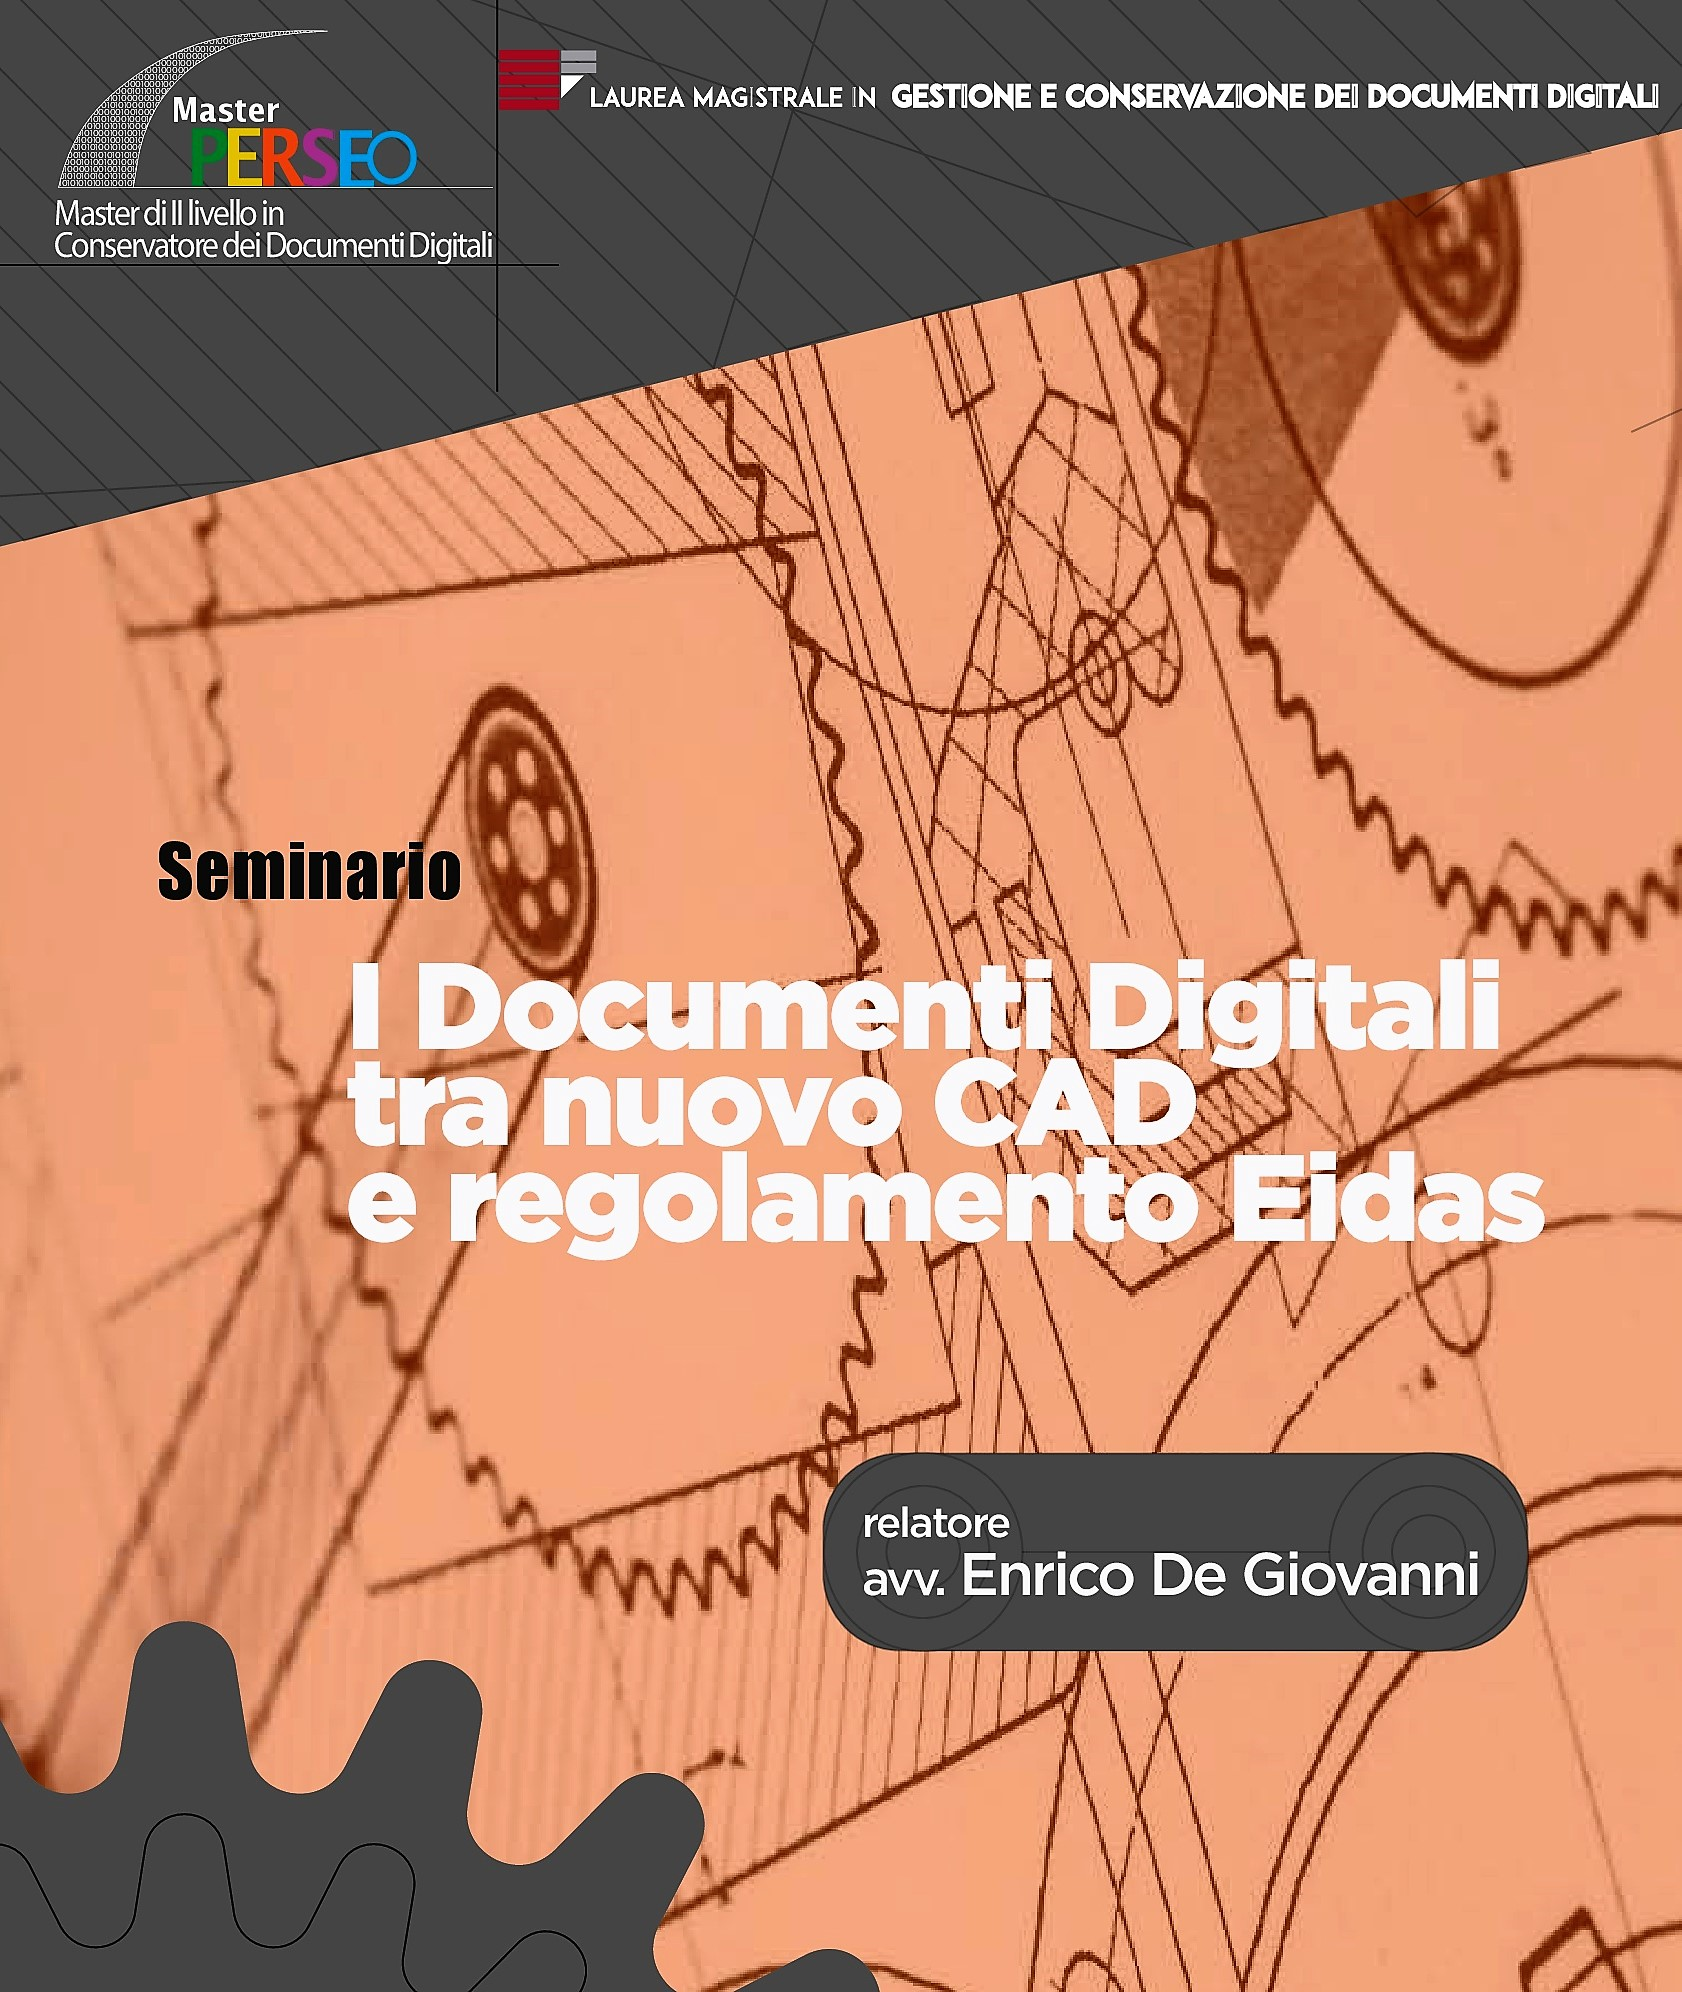 Locandina Documenti digitali